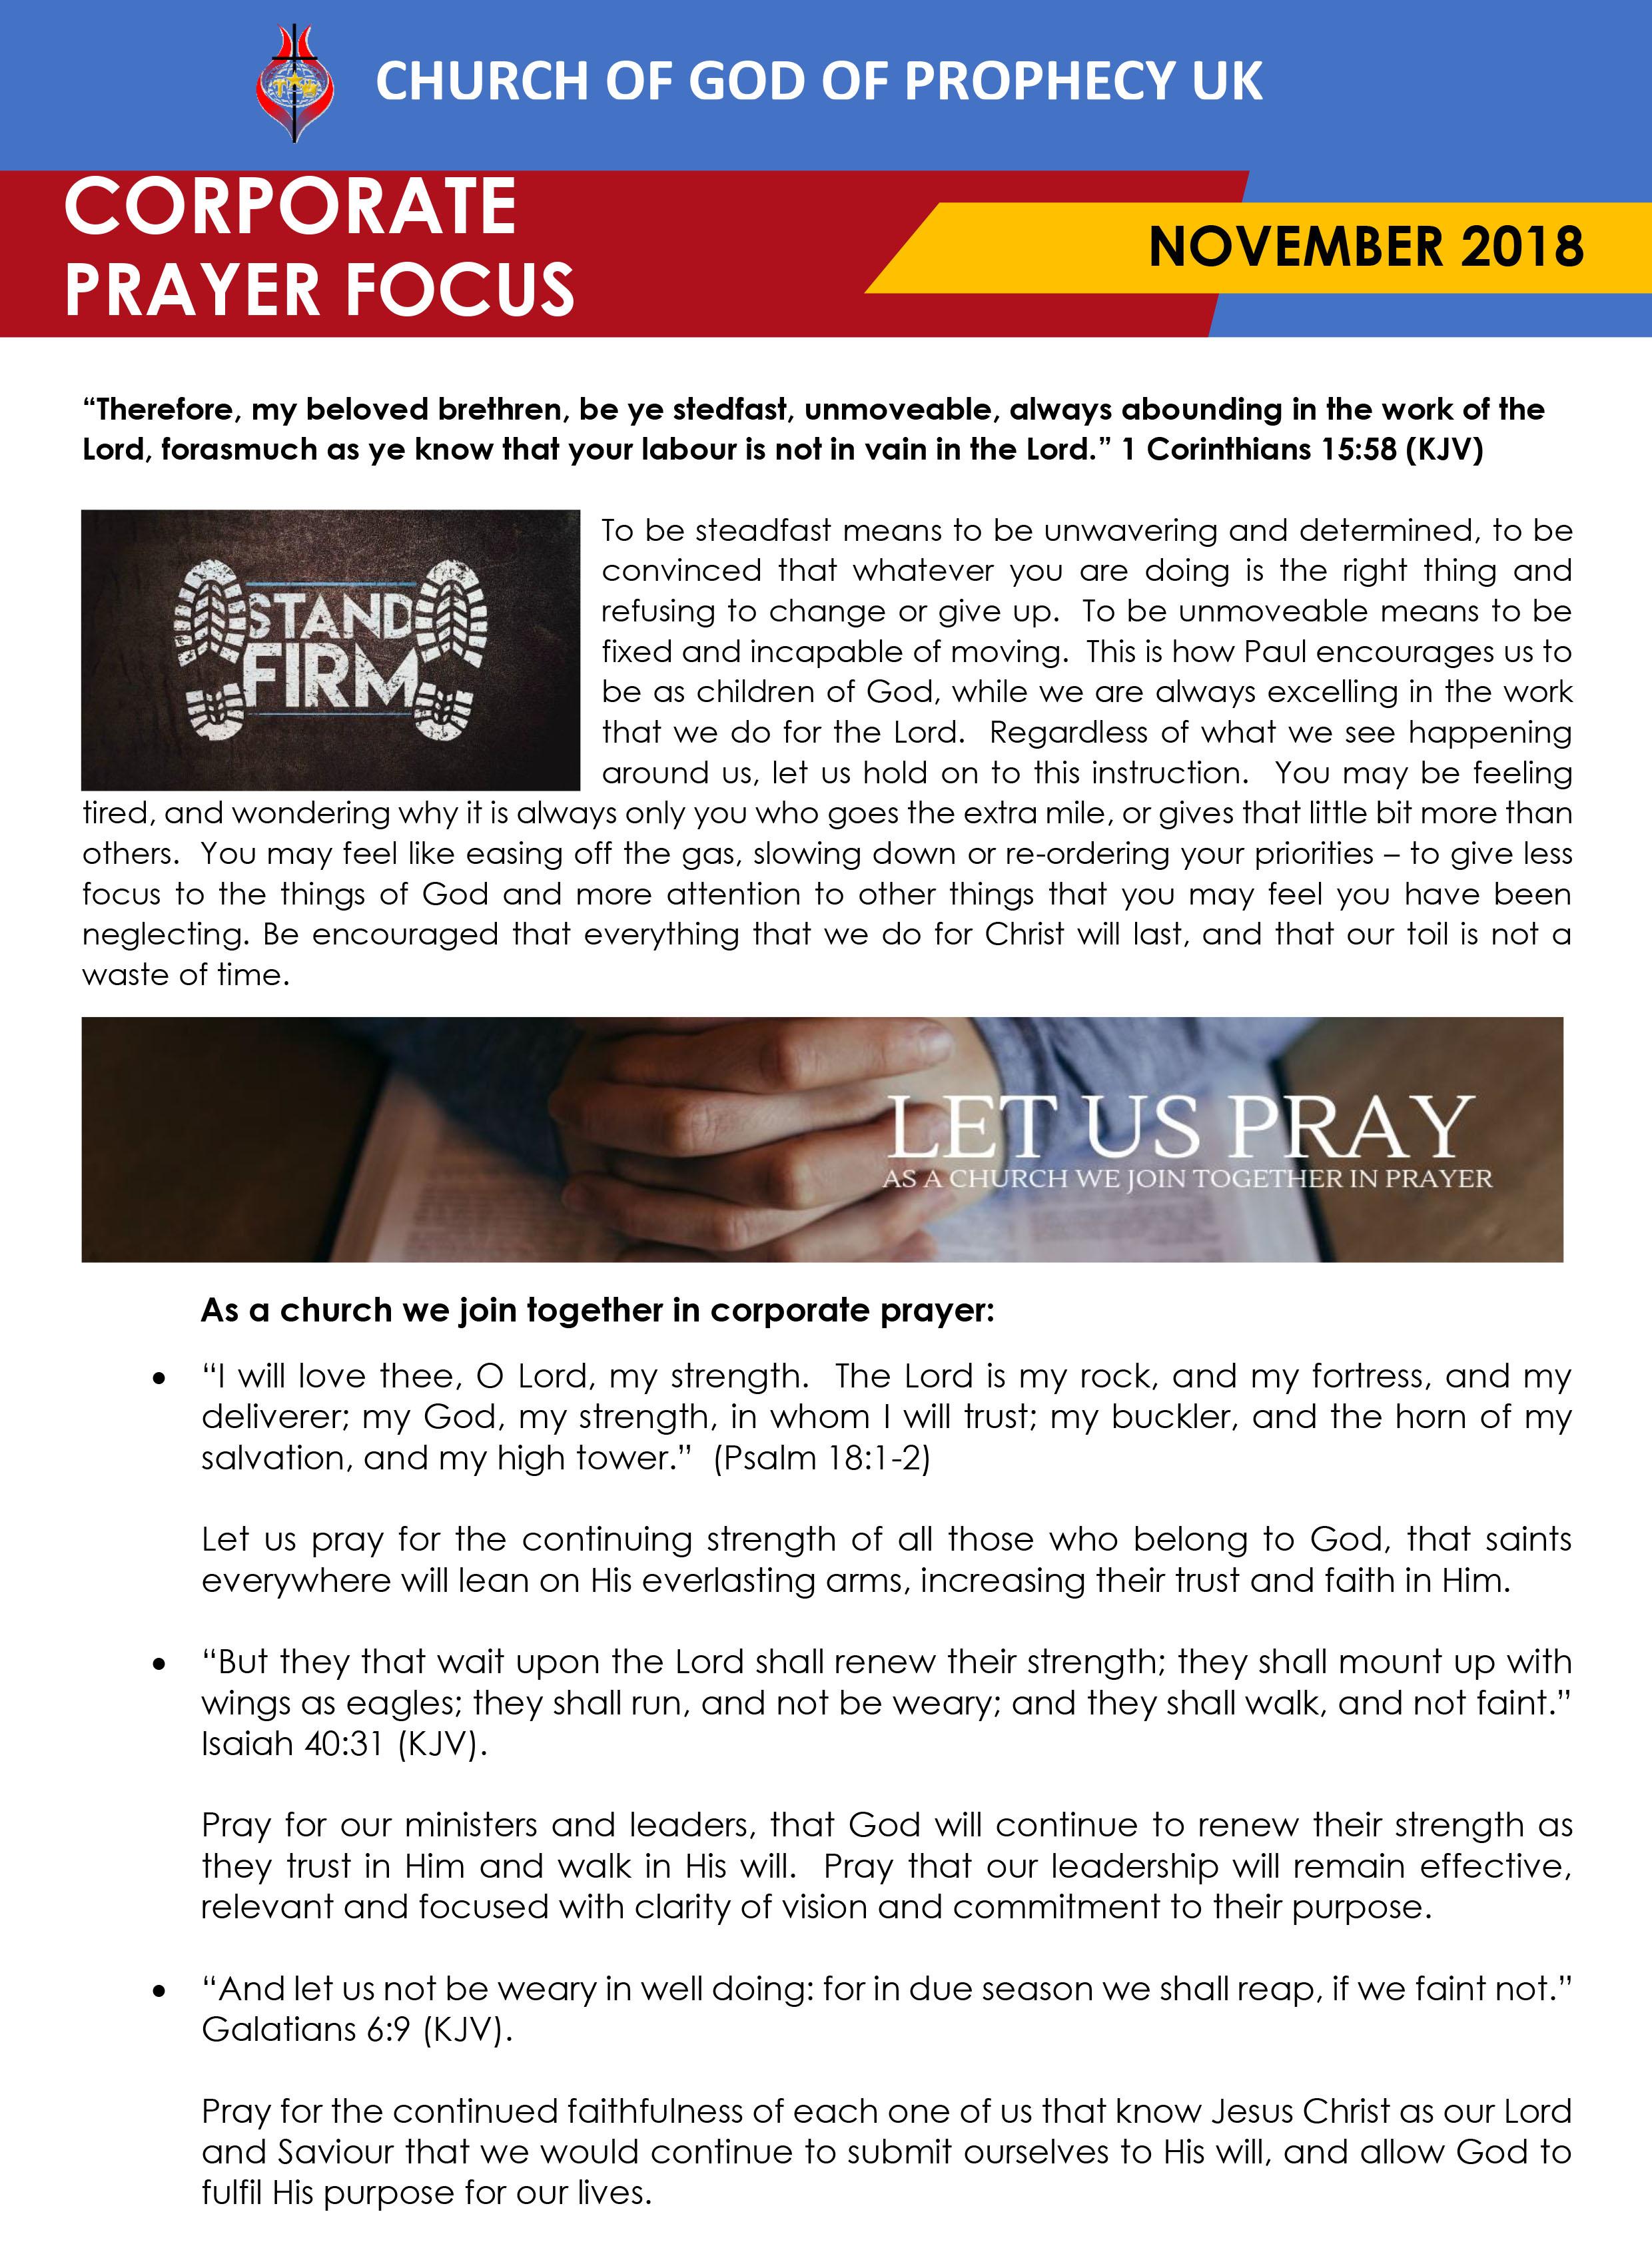 CORPORATE PRAYER NEWSLETTER - NOVEMBER 2018[1072]-1.jpg